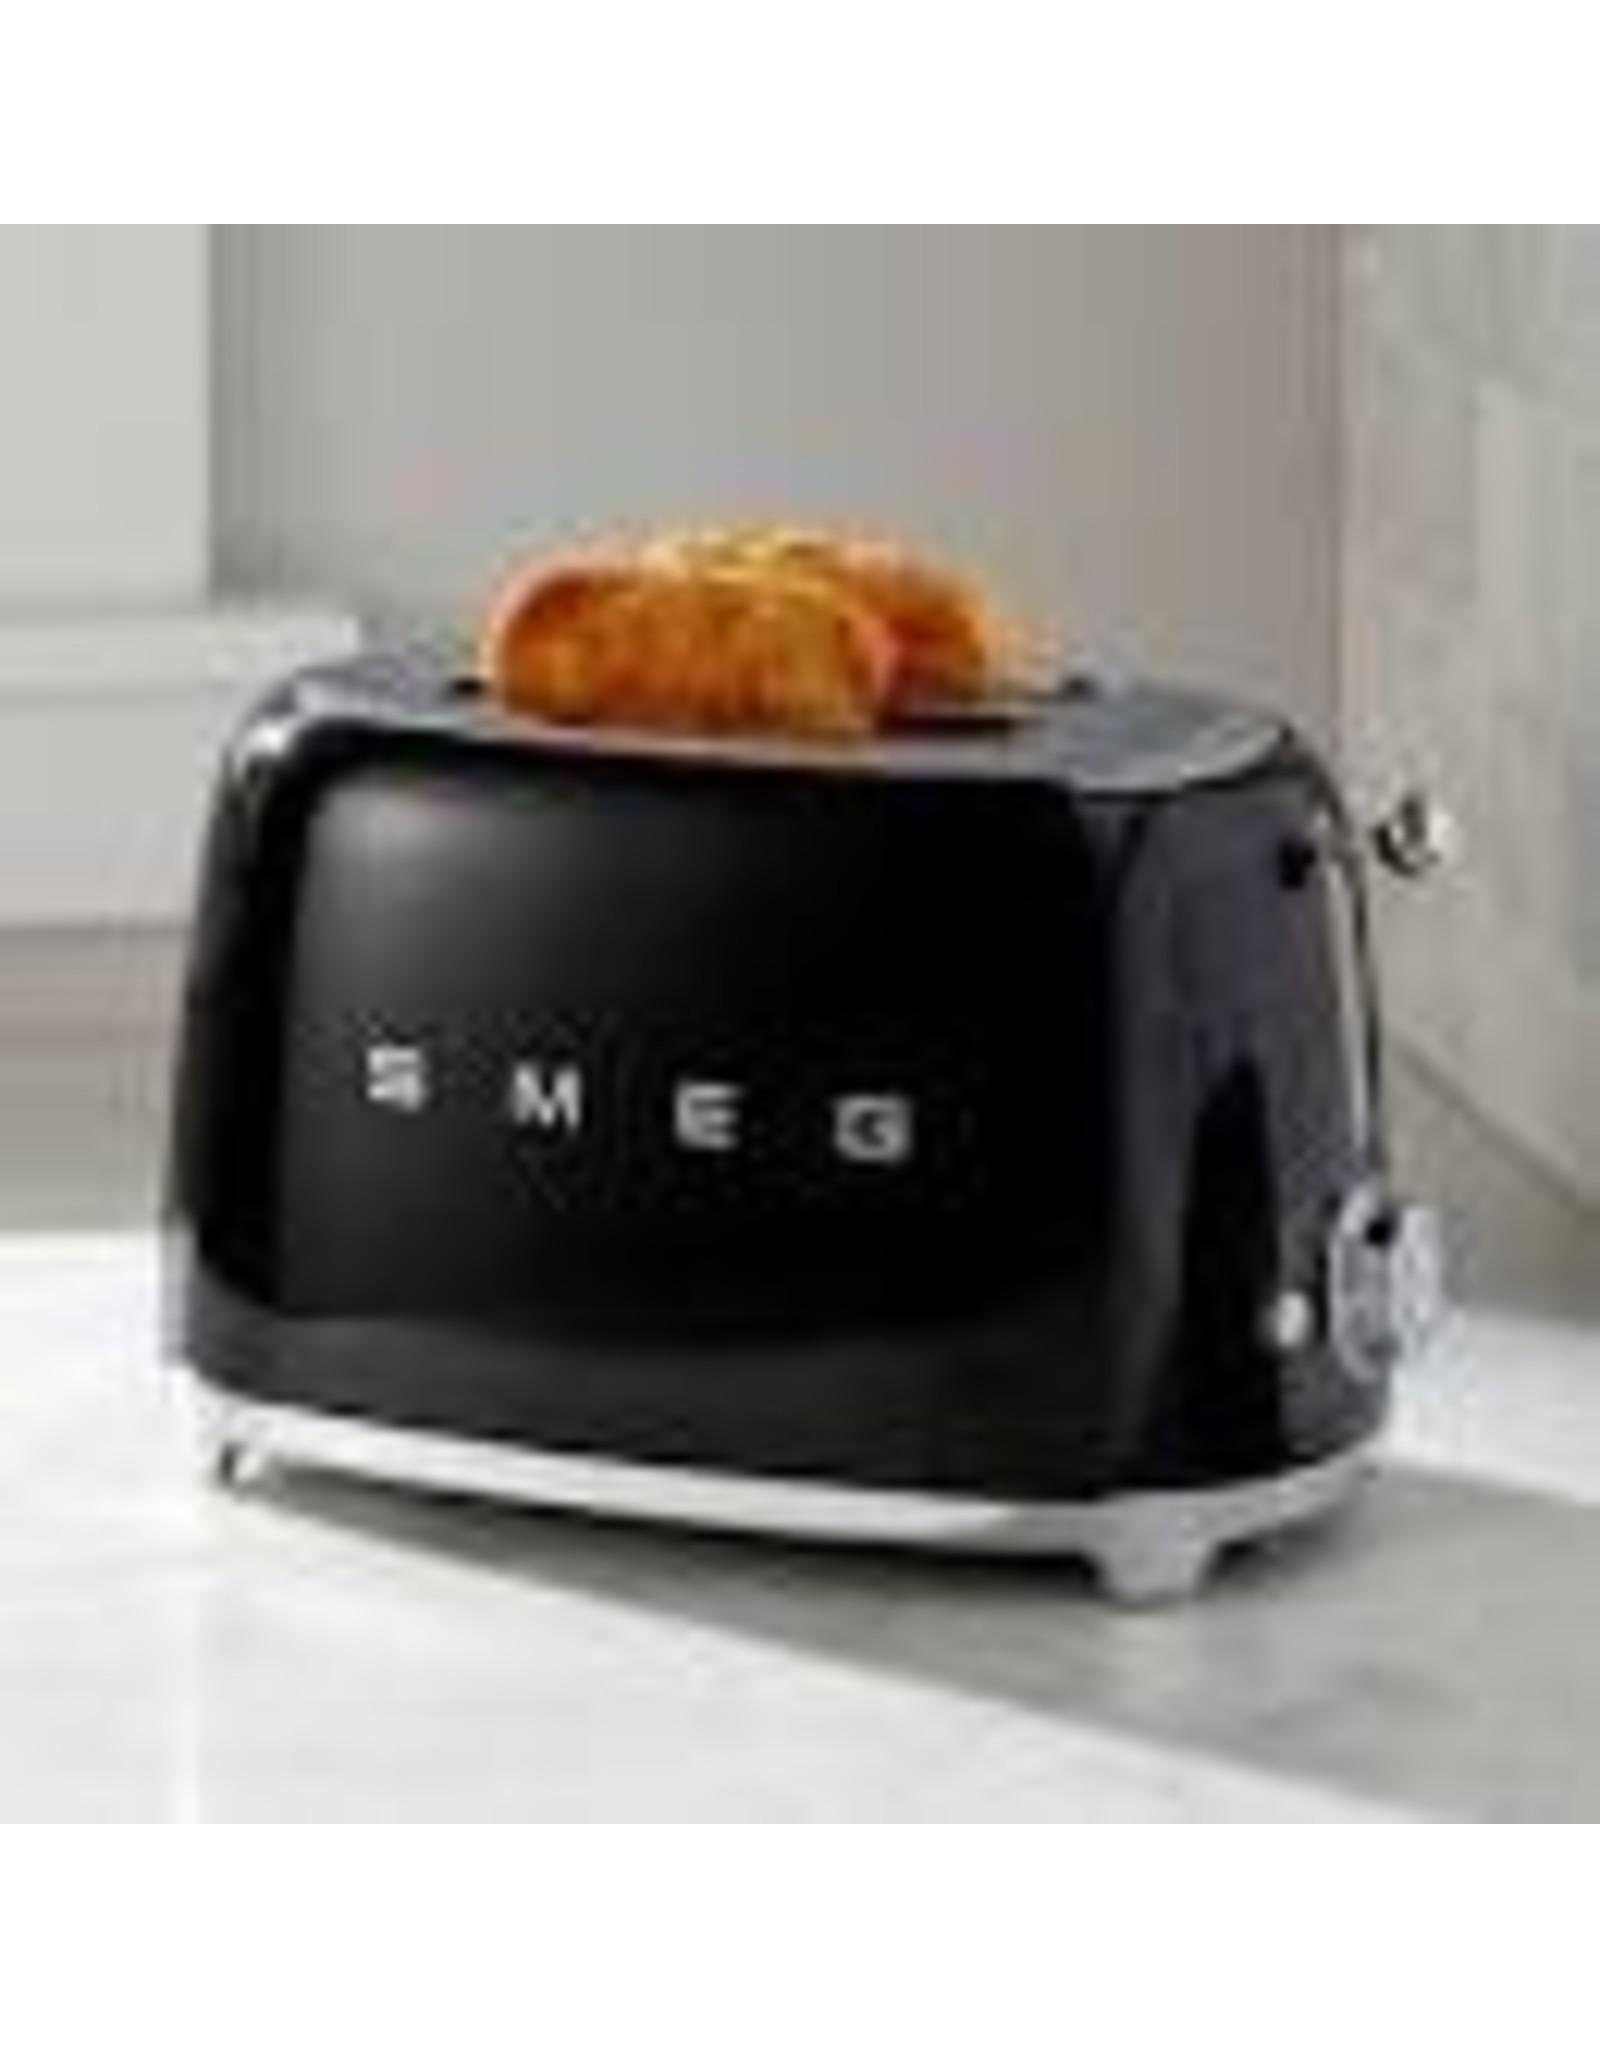 Smeg SMEG - 2 Slot Toaster - Black